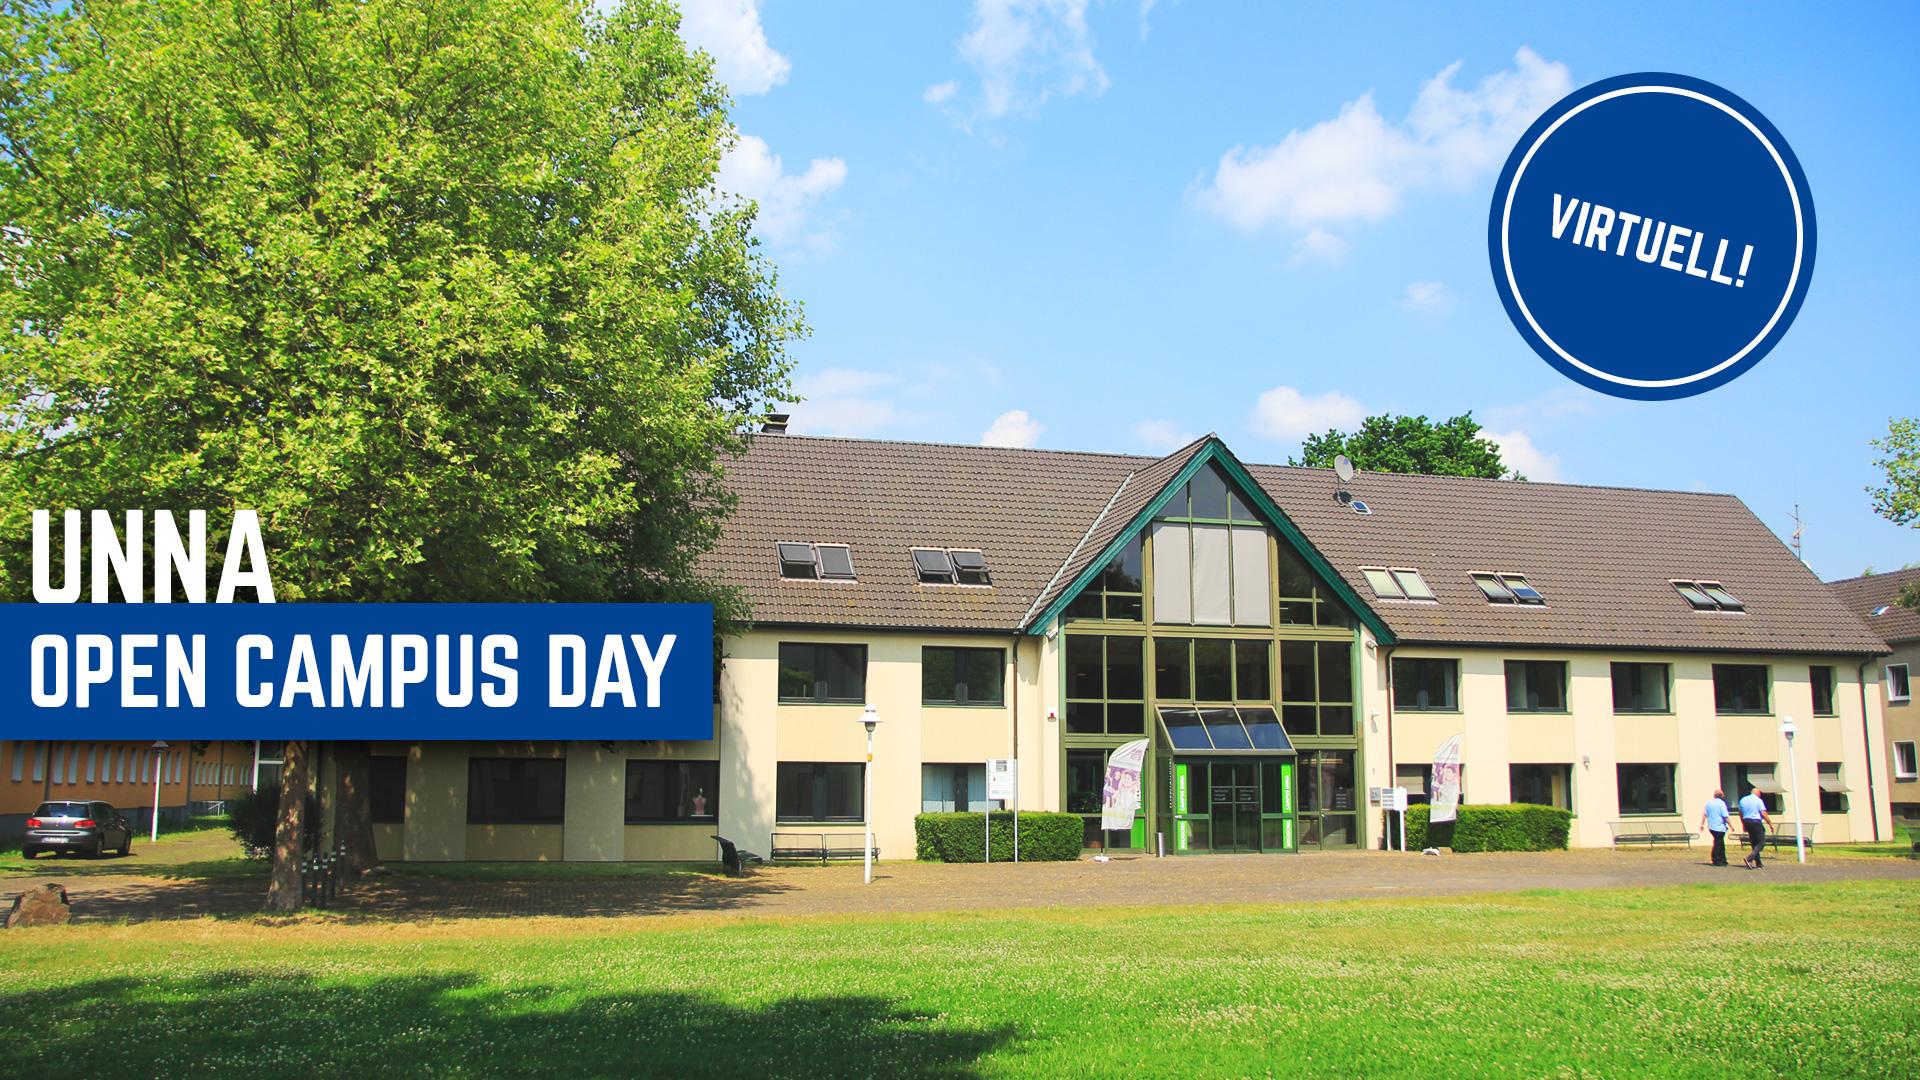 Frontansicht des Standorts Unna, Einladung zum Open Campus Day.